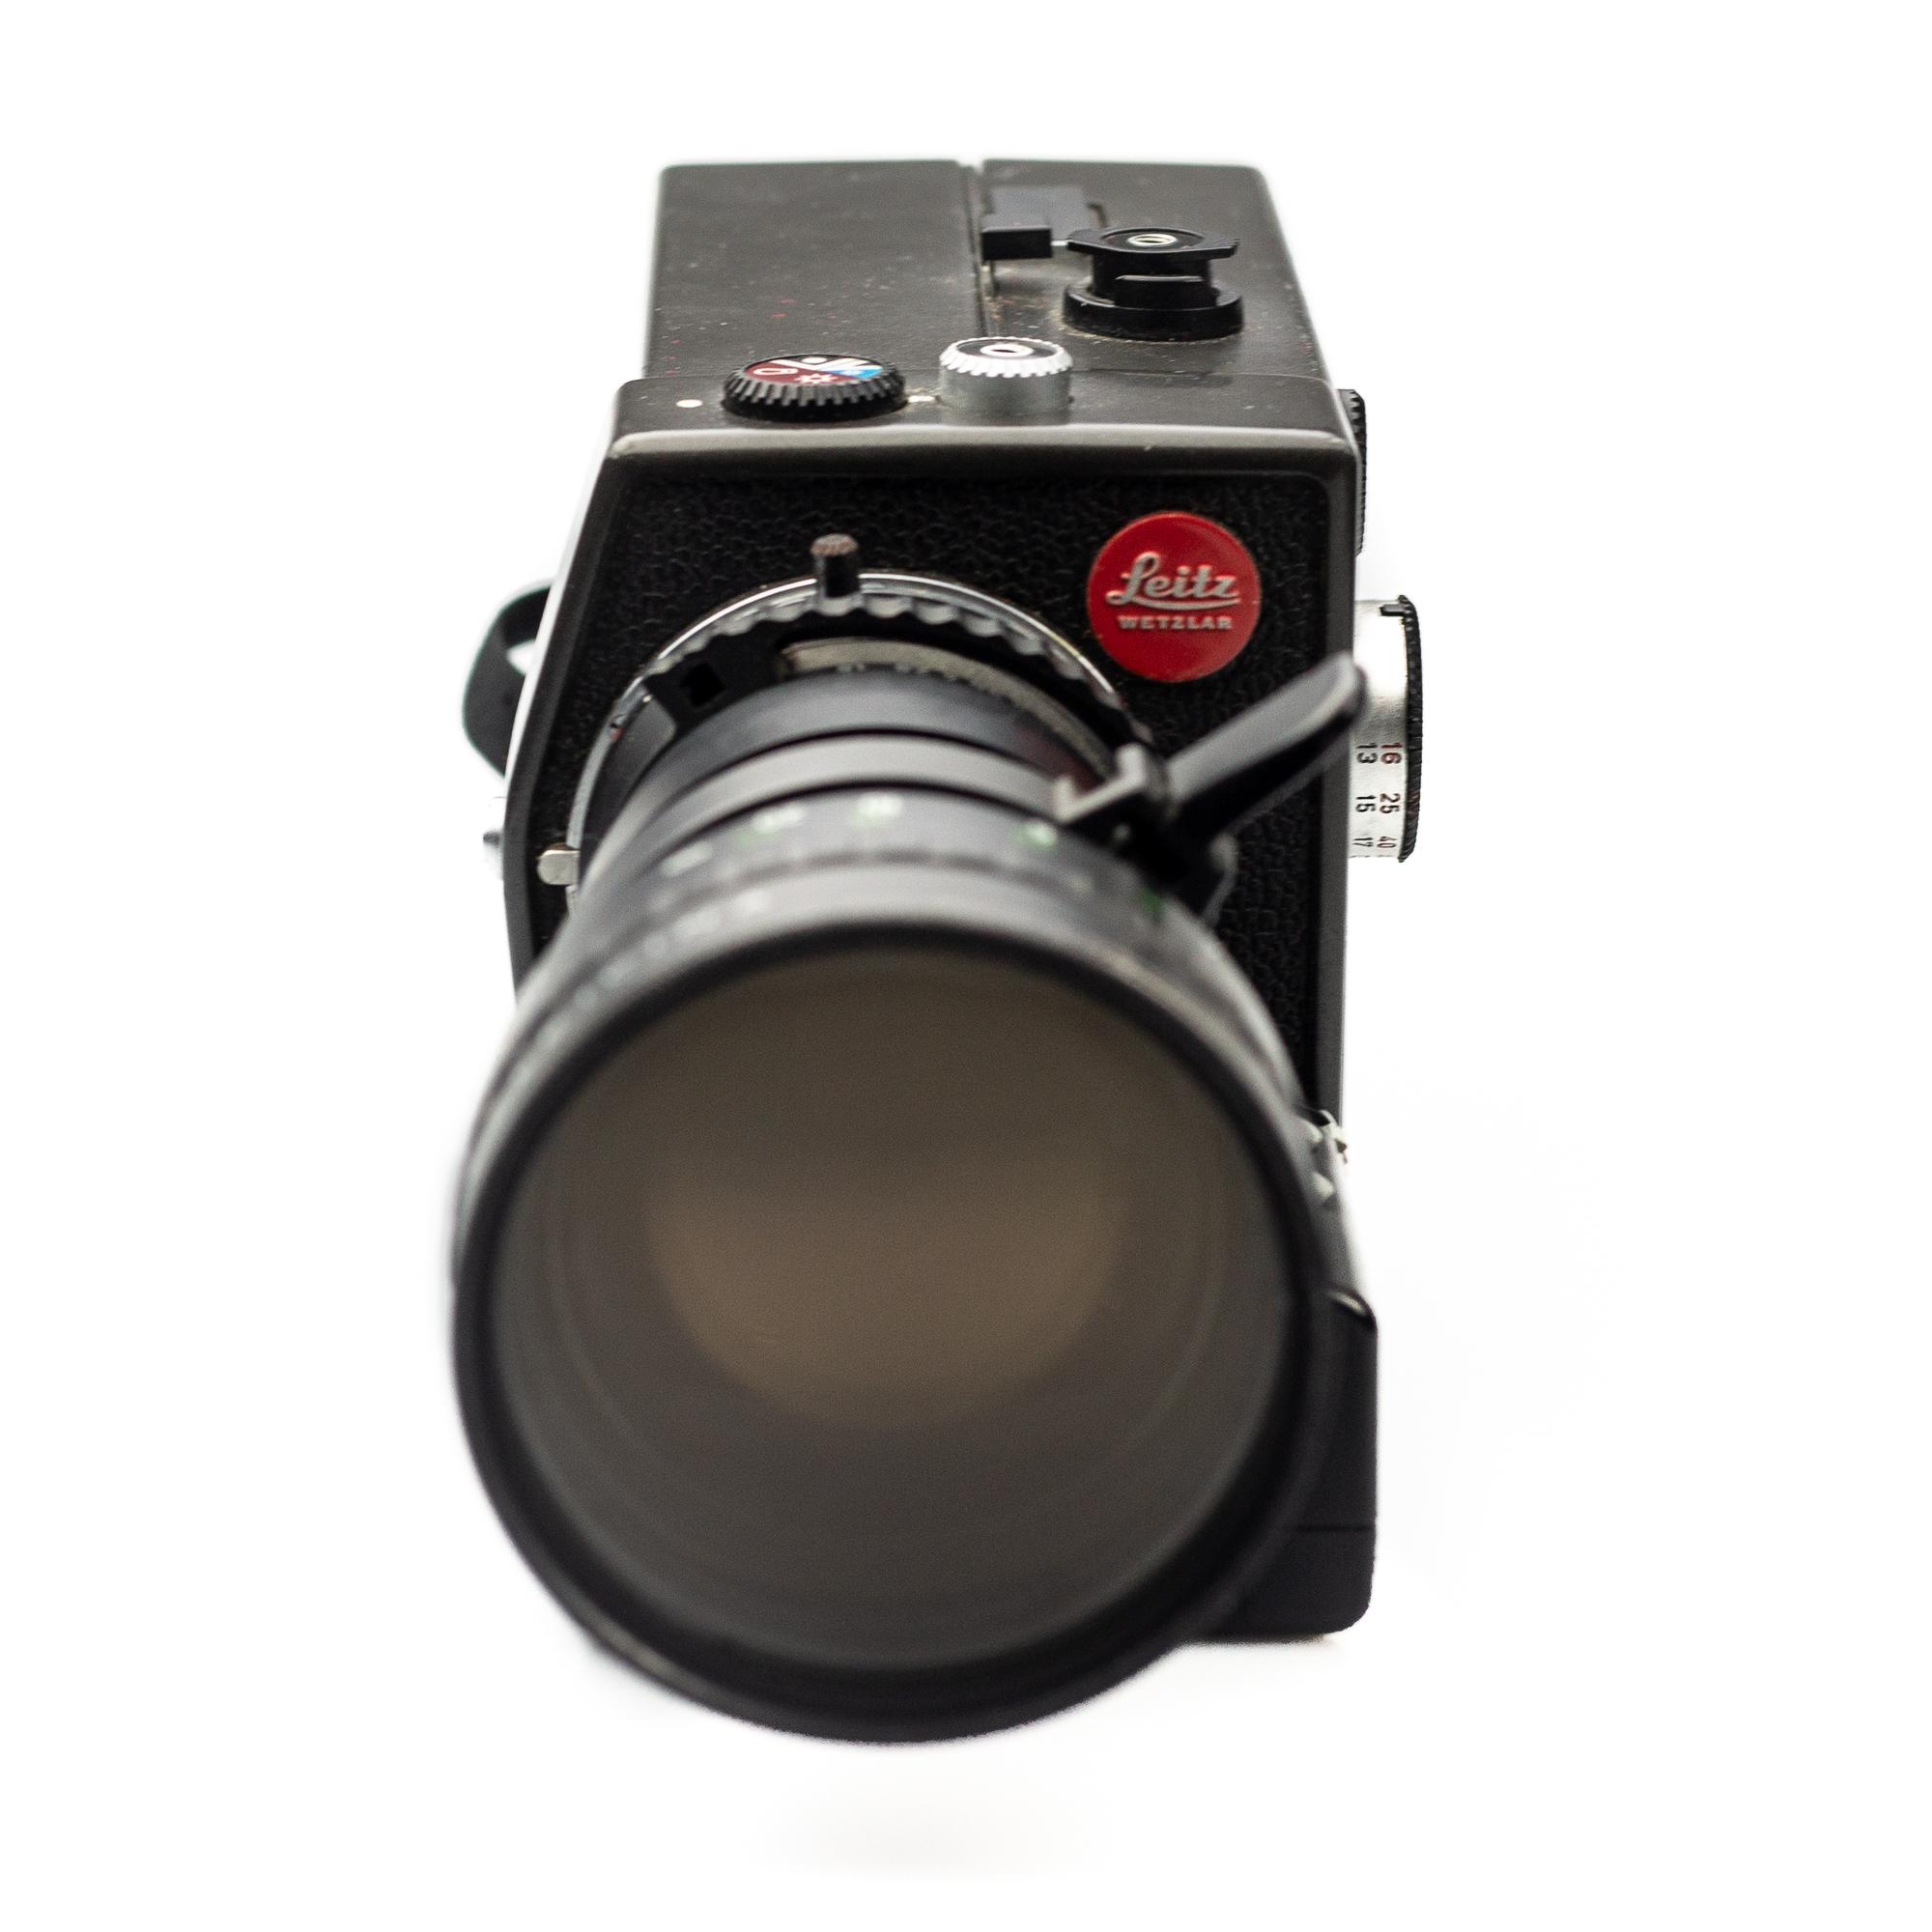 lecina special Super 8 Camera